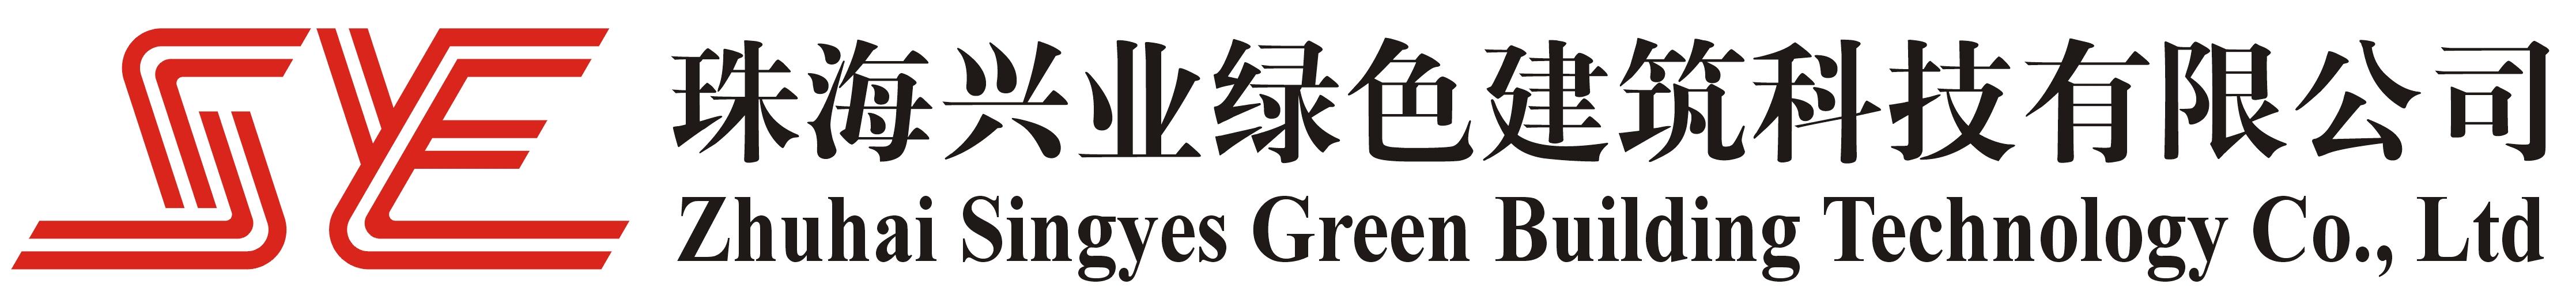 珠海兴业绿色建筑科技有限公司